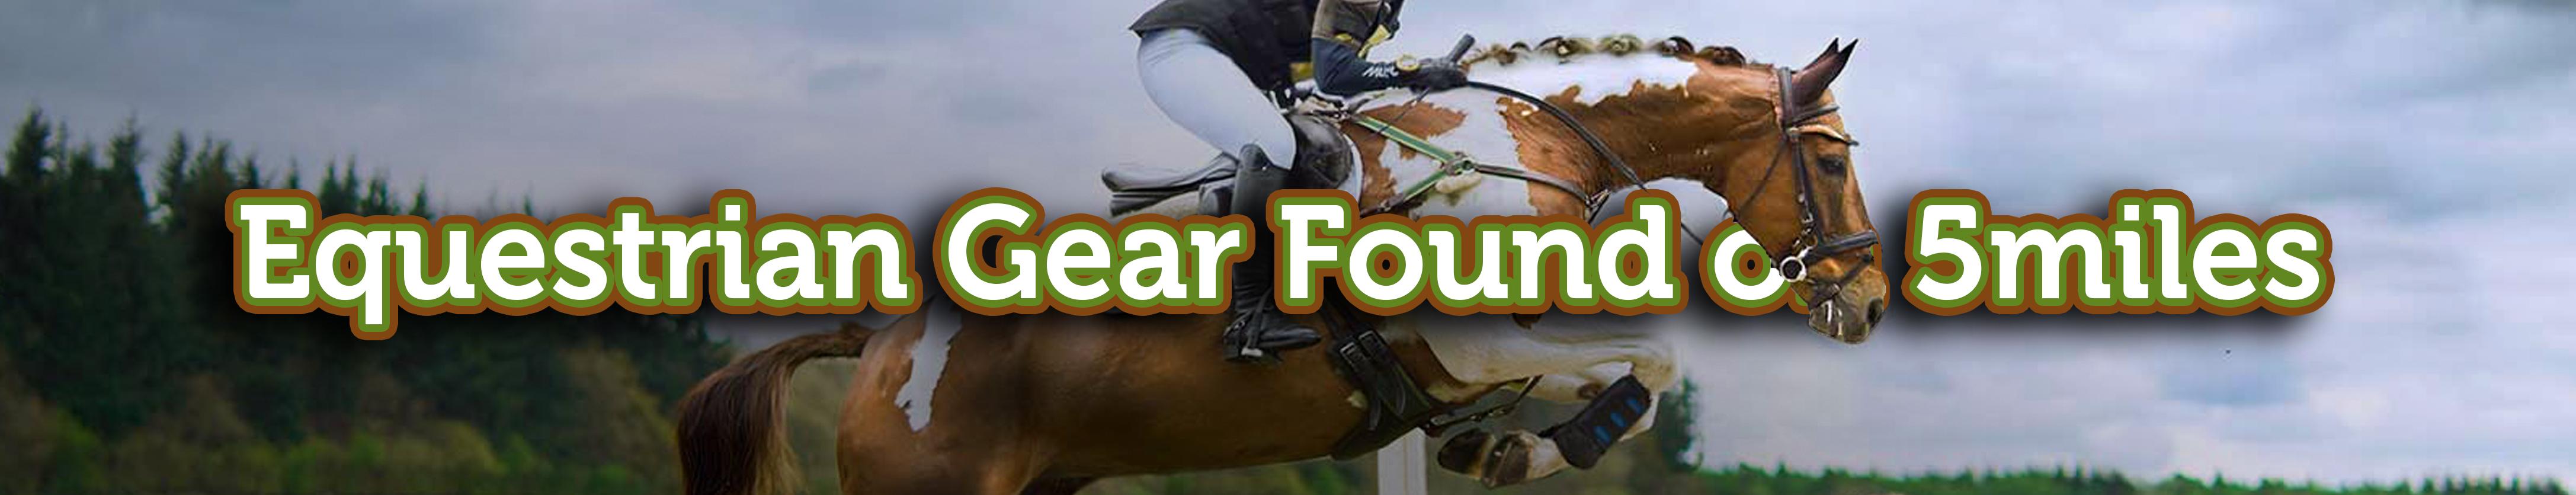 Equestrian Gear